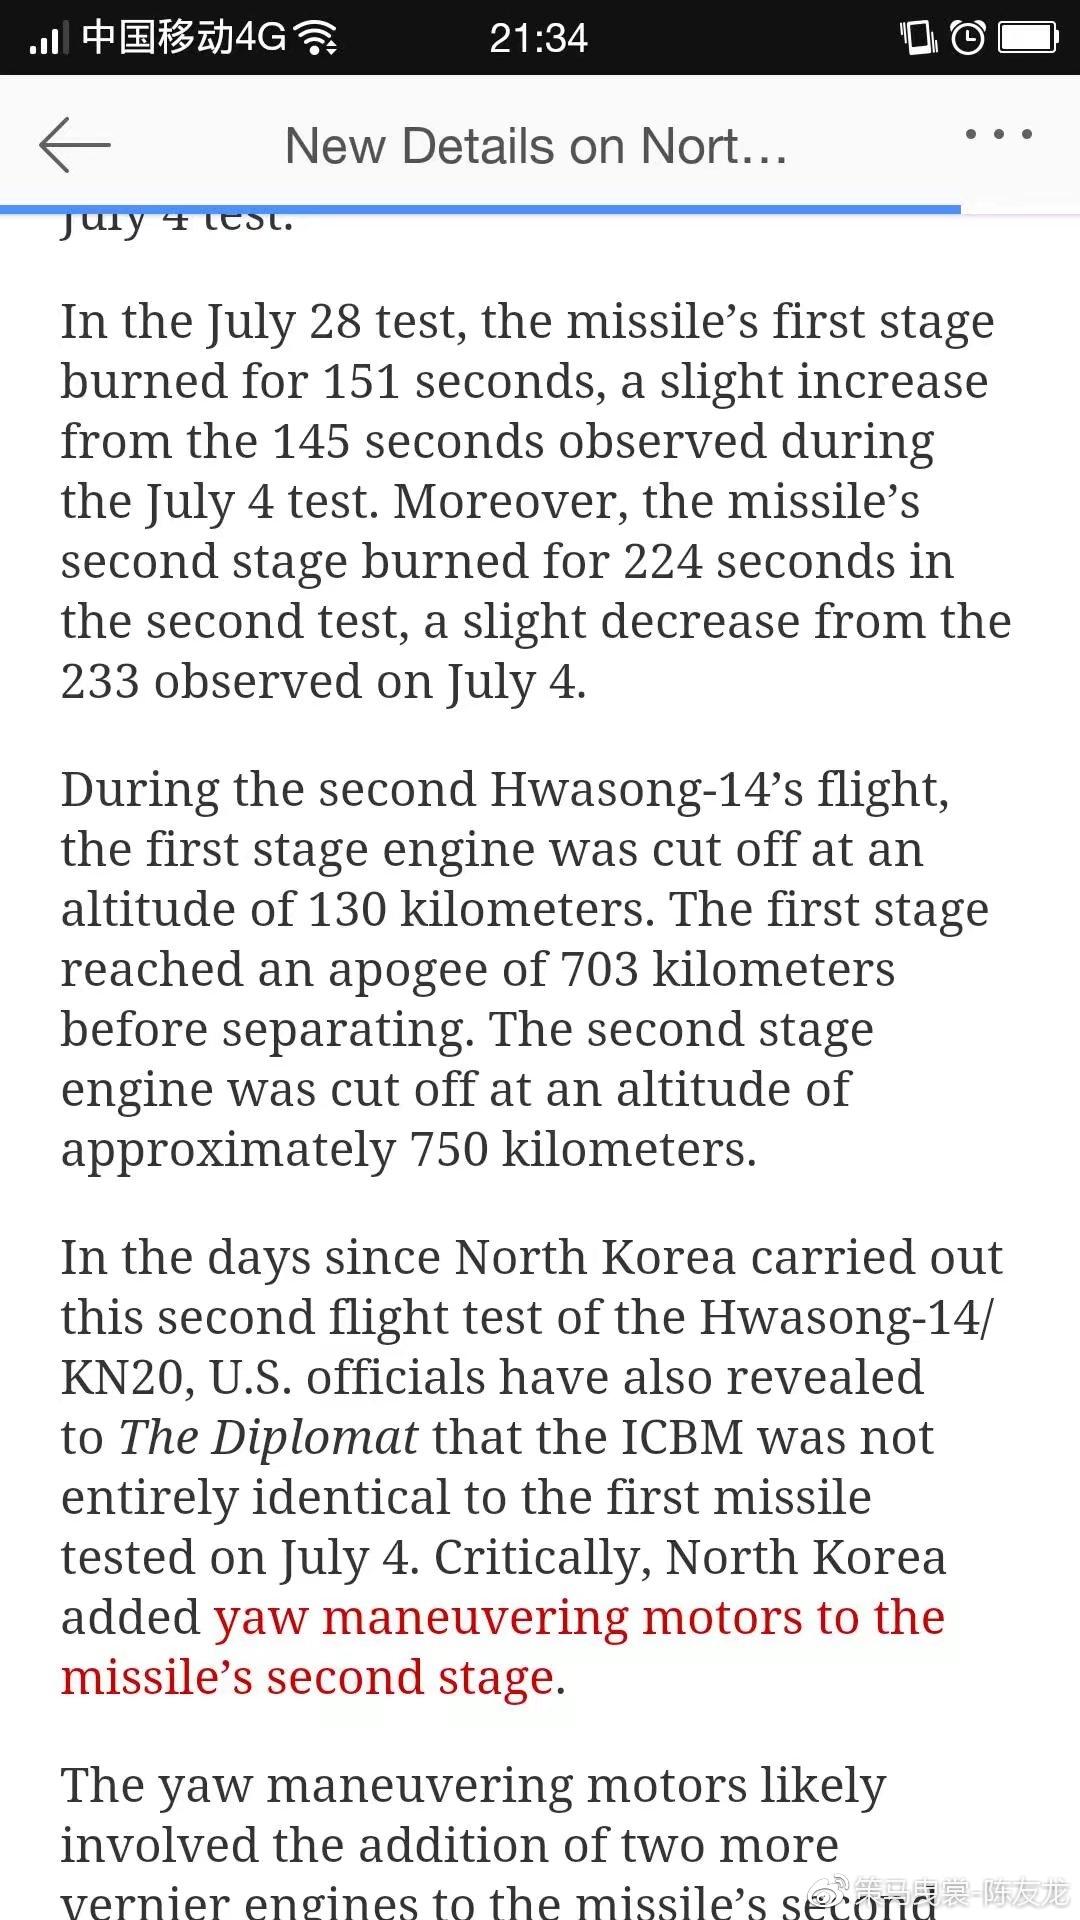 美国人公开的NK两次火星14导弹发射数据